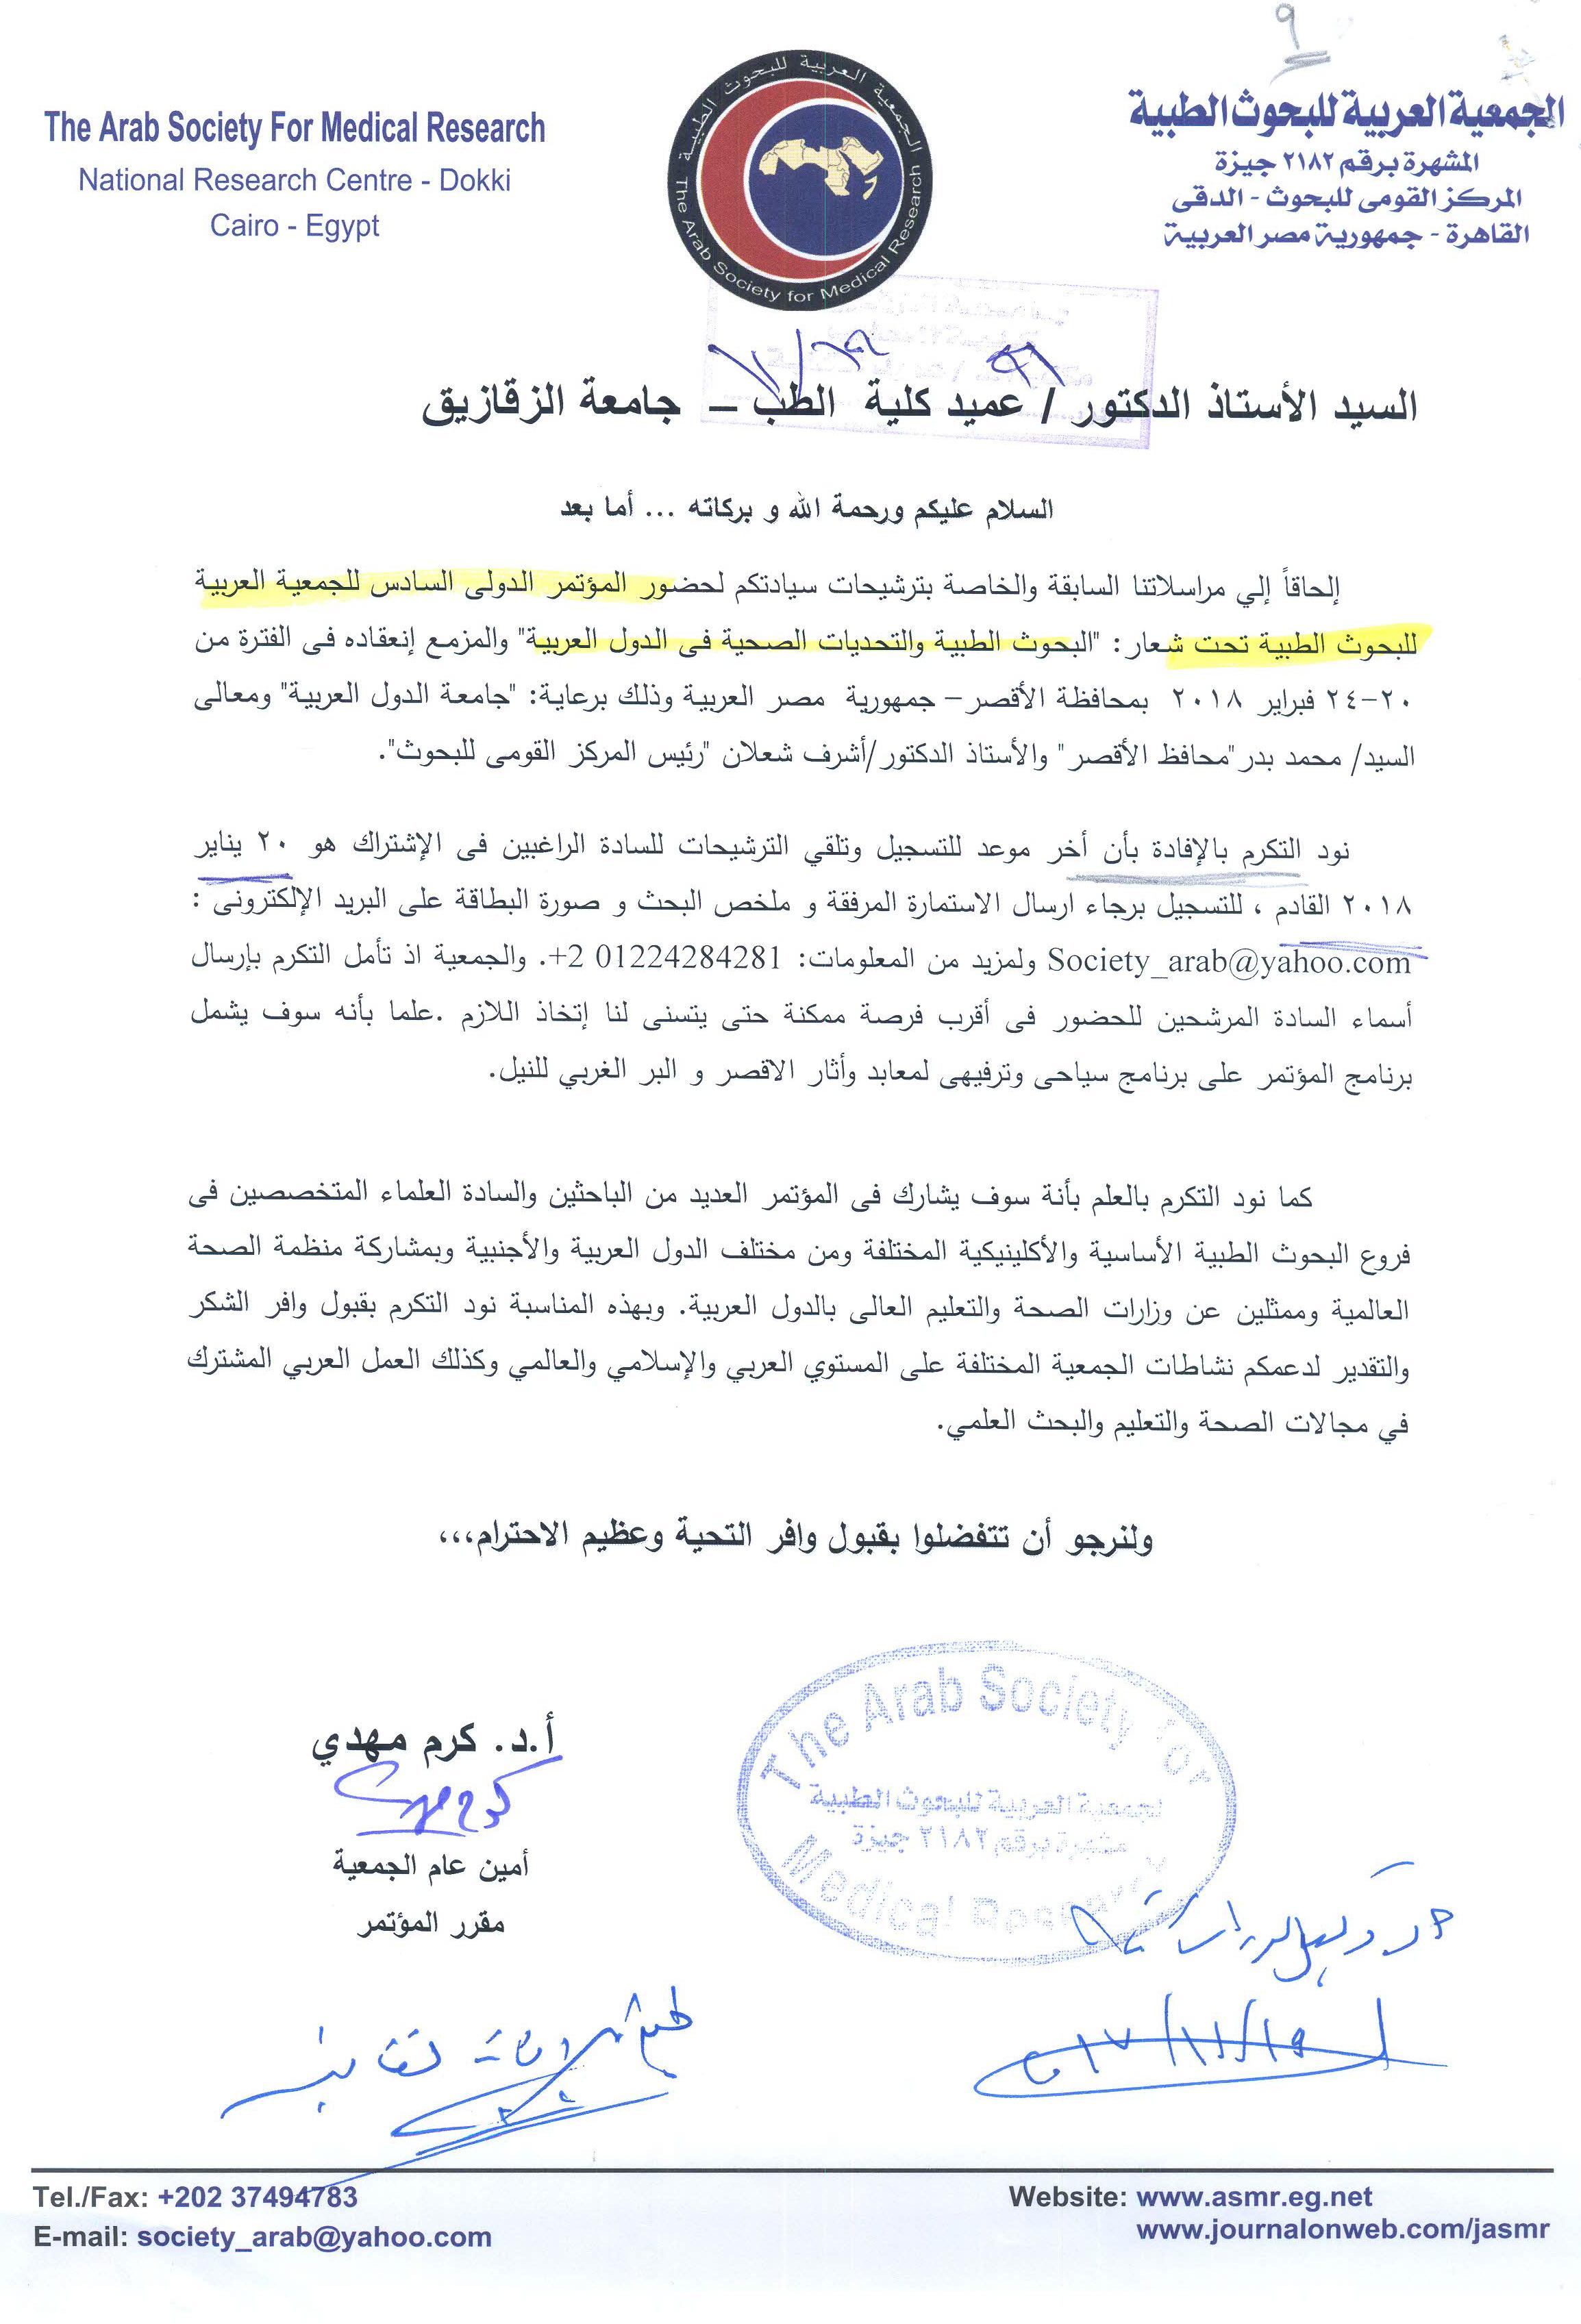 المؤتمر الدولى السادس للجمعيه العربيه للبحوث الطبيه تحت شعار البحوث الطبيه